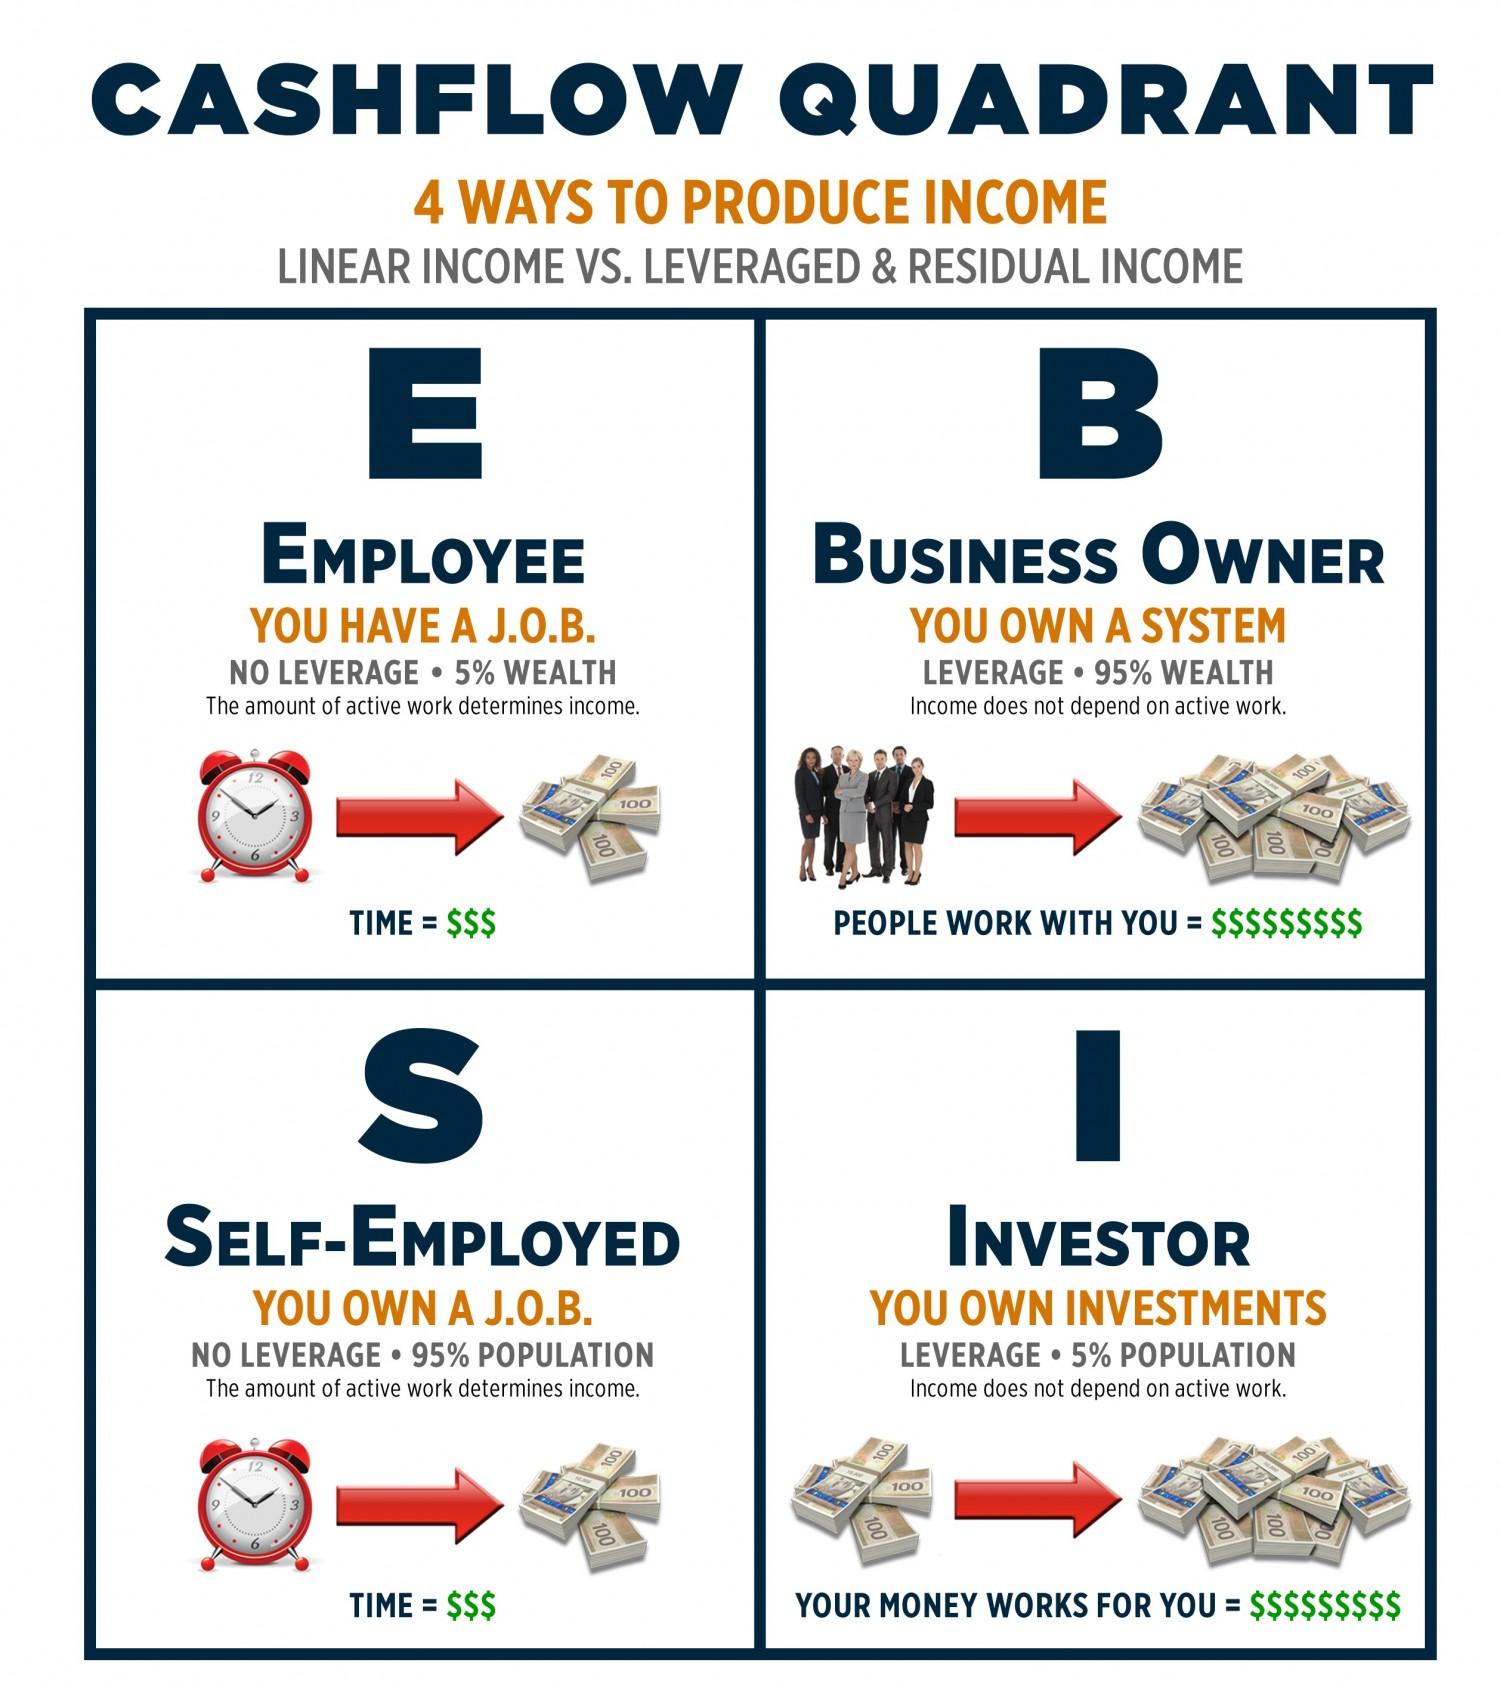 cashflow-quadrant-e1425219291524